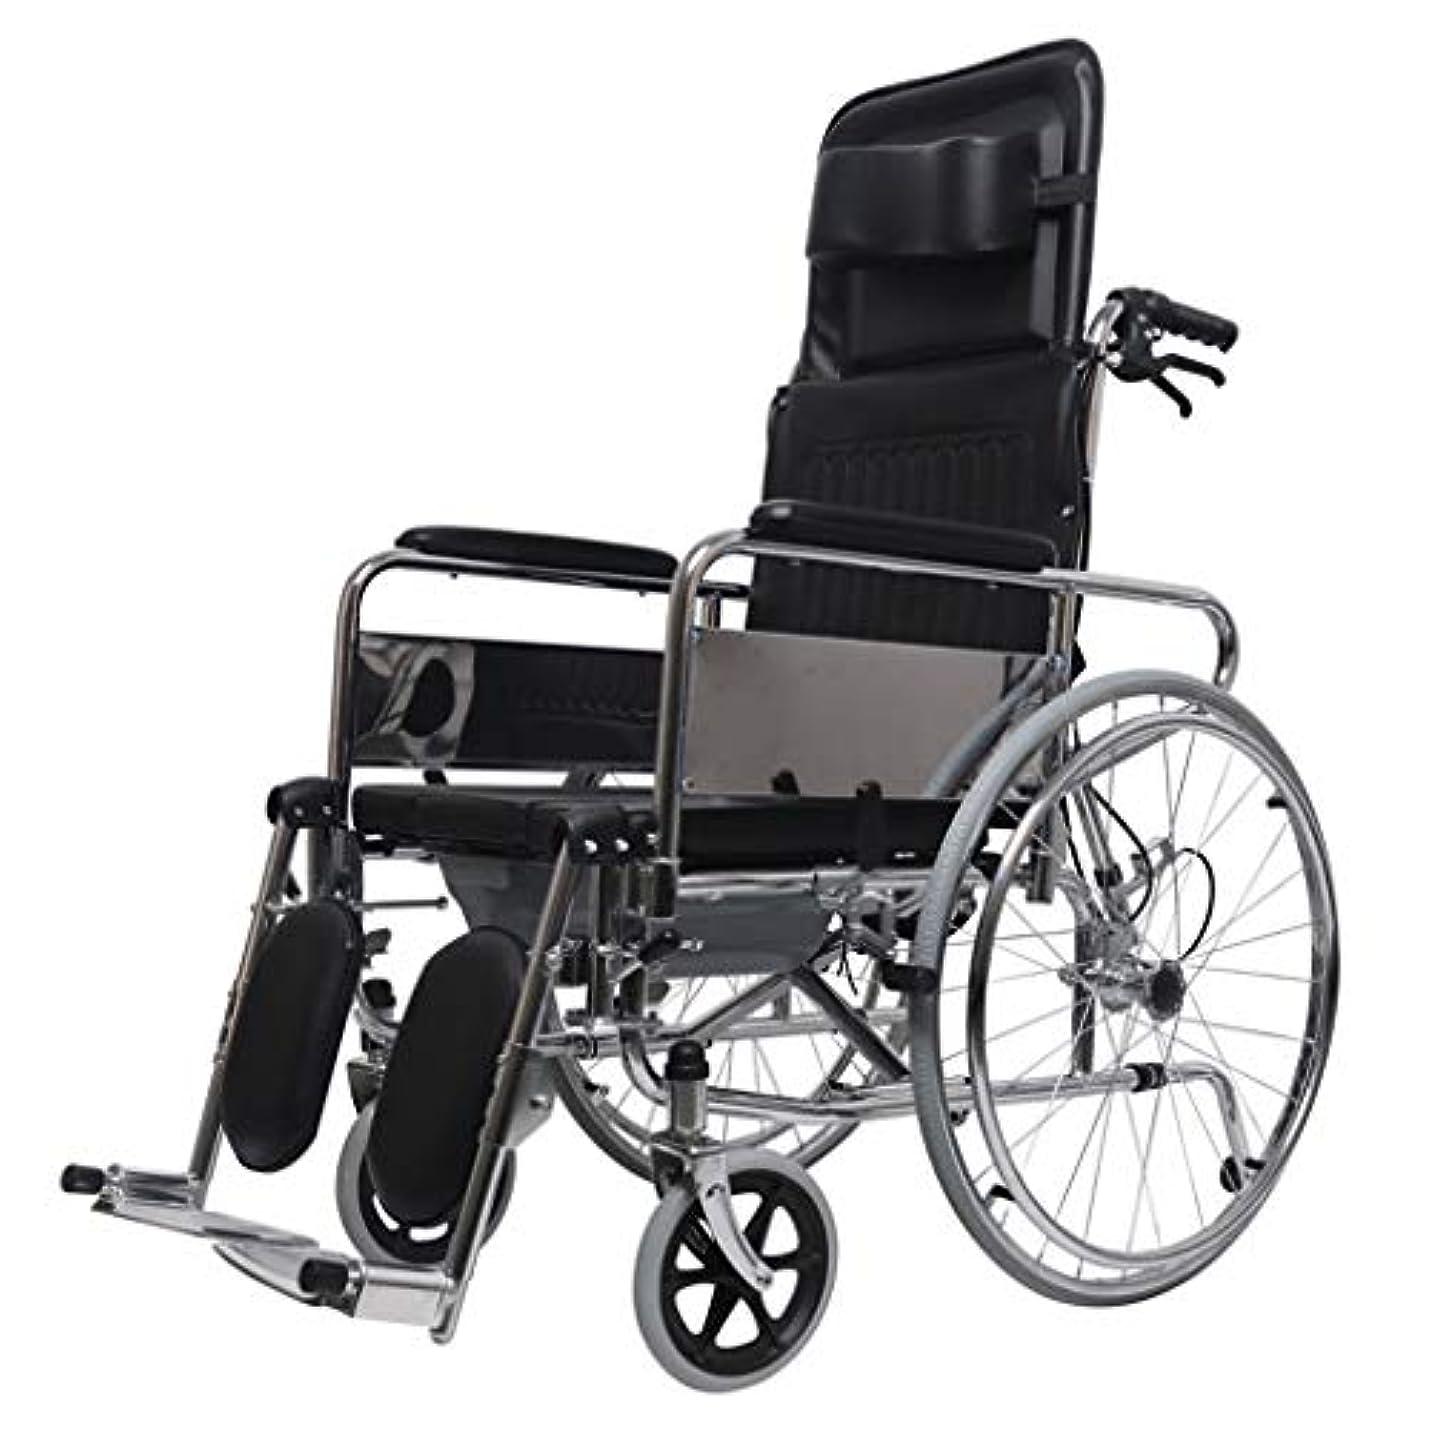 ファランクス豊かな船上車椅子トロリー、ブレーキ付き多機能折りたたみ、高齢者向け車椅子、屋外旅行、優れたヘルパー